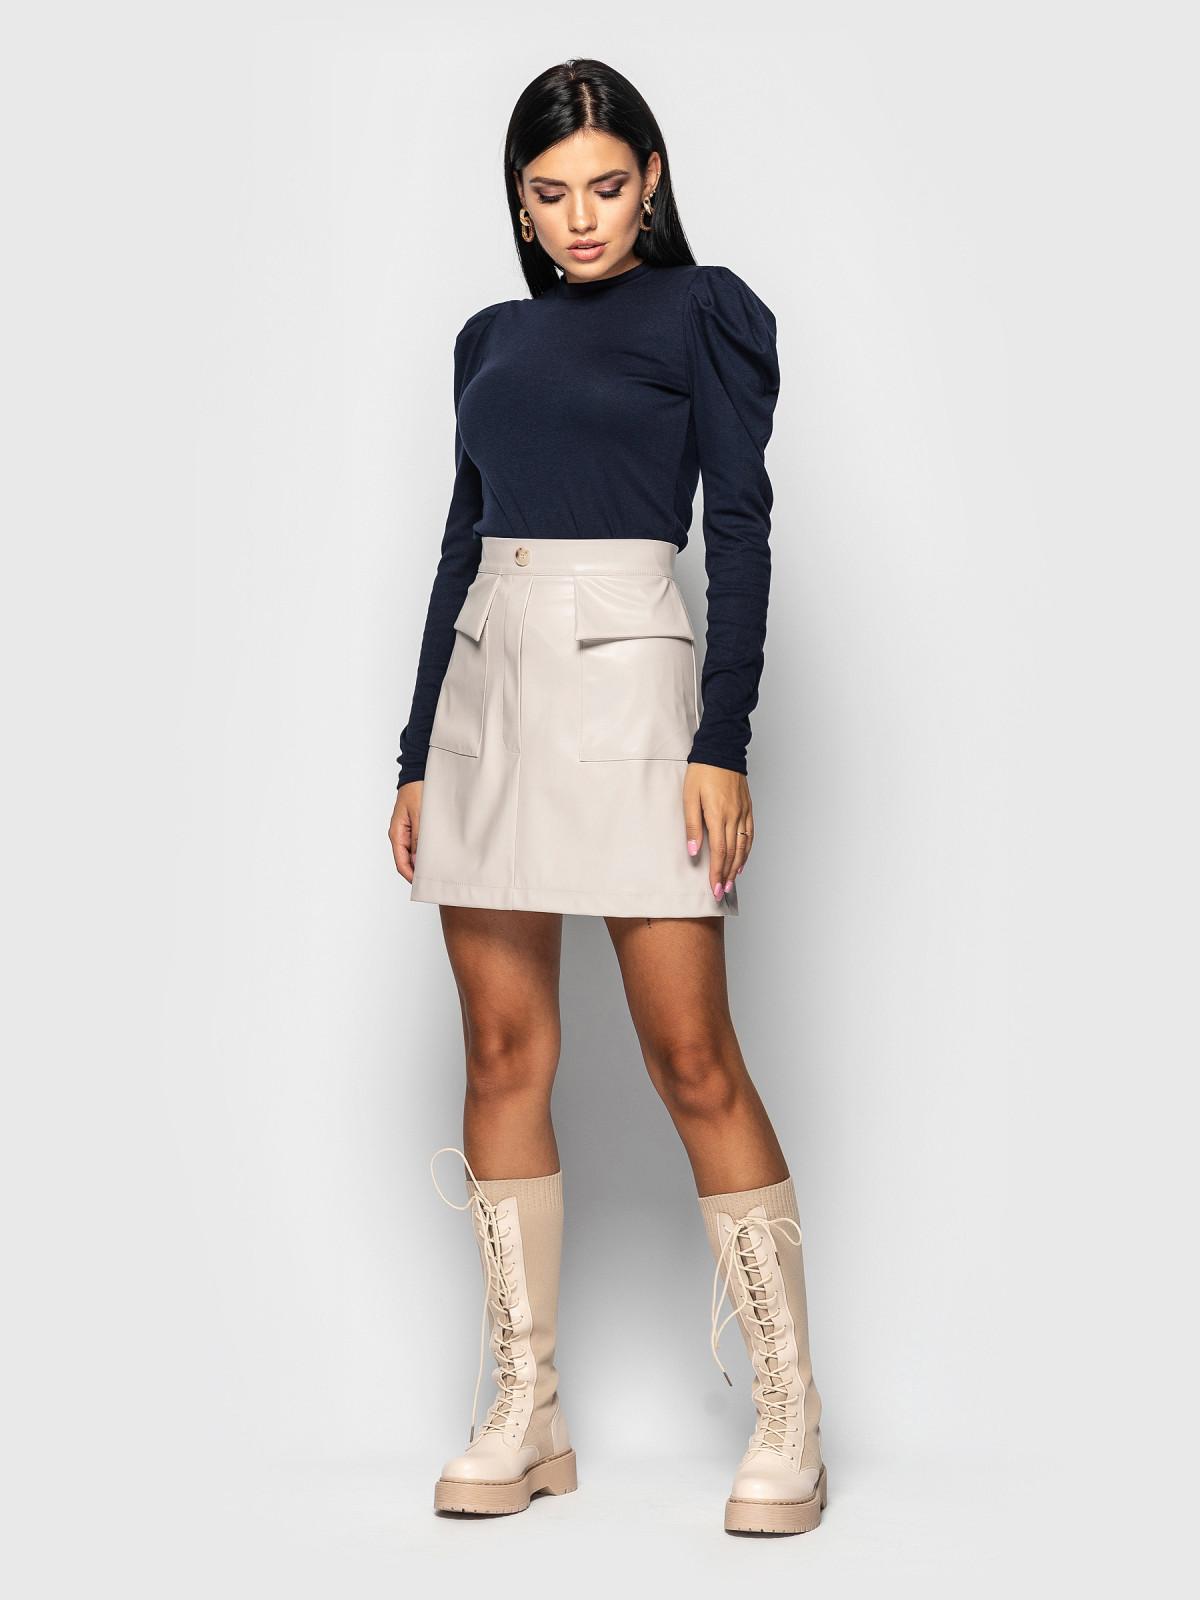 Комплект юбка с гольфом Palmira Молочный-т.синий